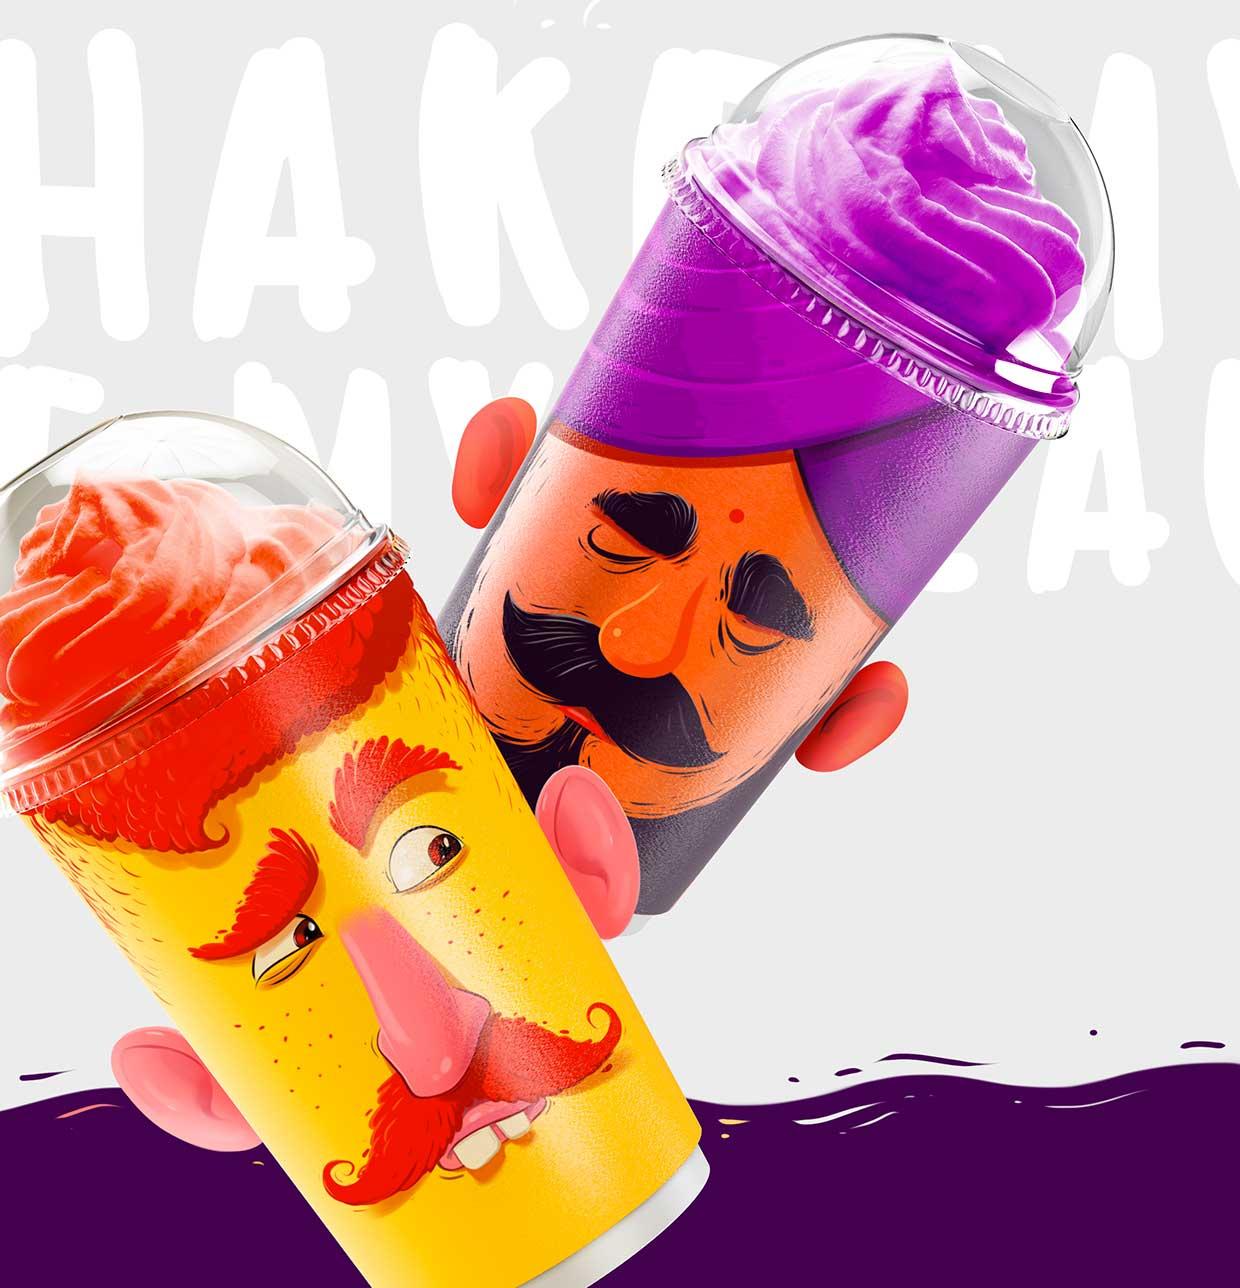 Shake my head: quando il packaging è fuori di testa